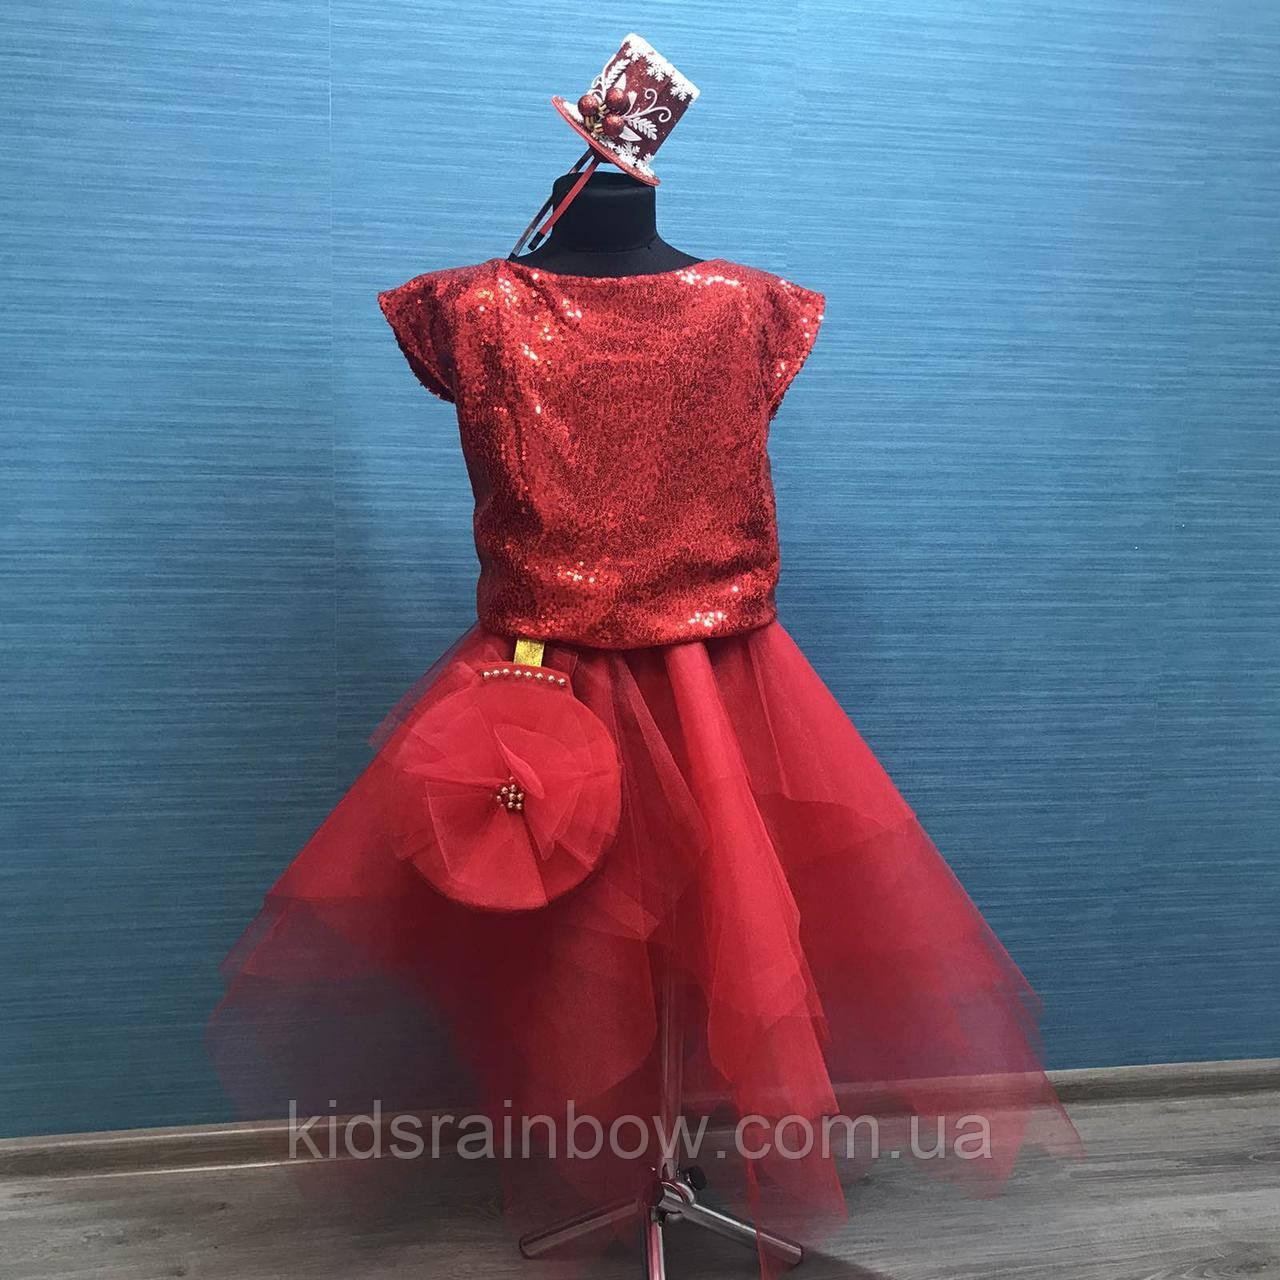 Новогодний костюм Шар на елку